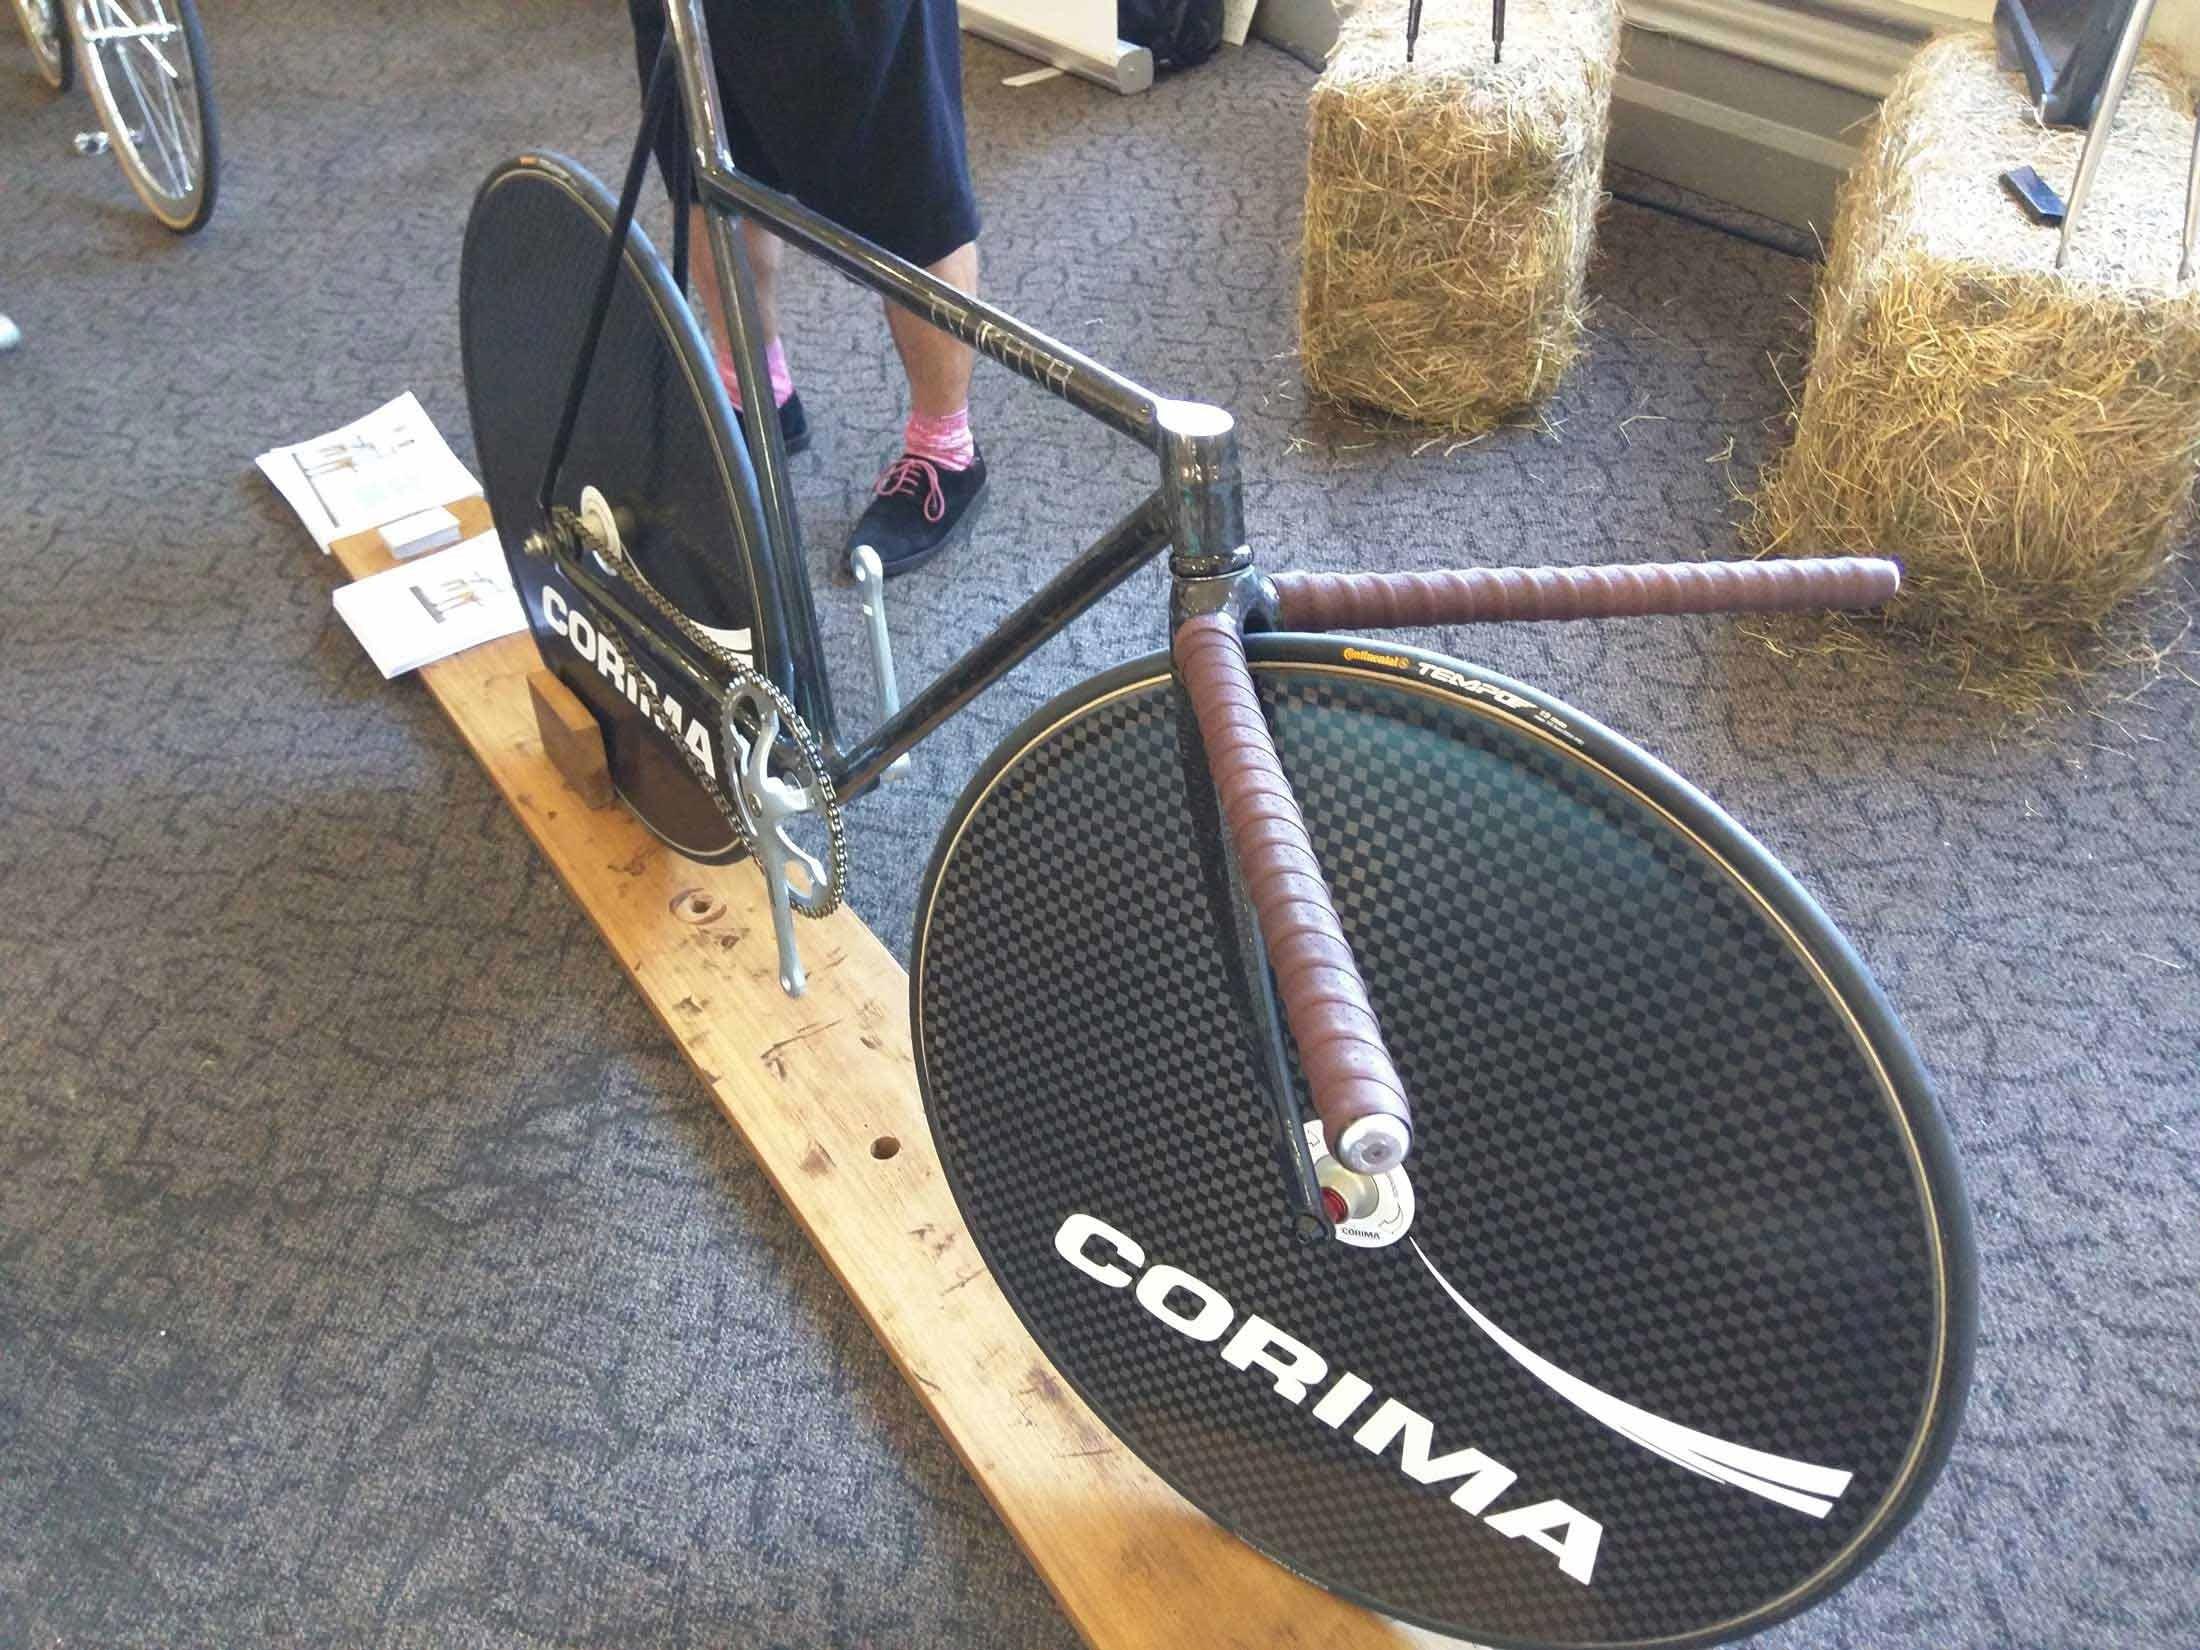 Bespoke Handmade Bikes